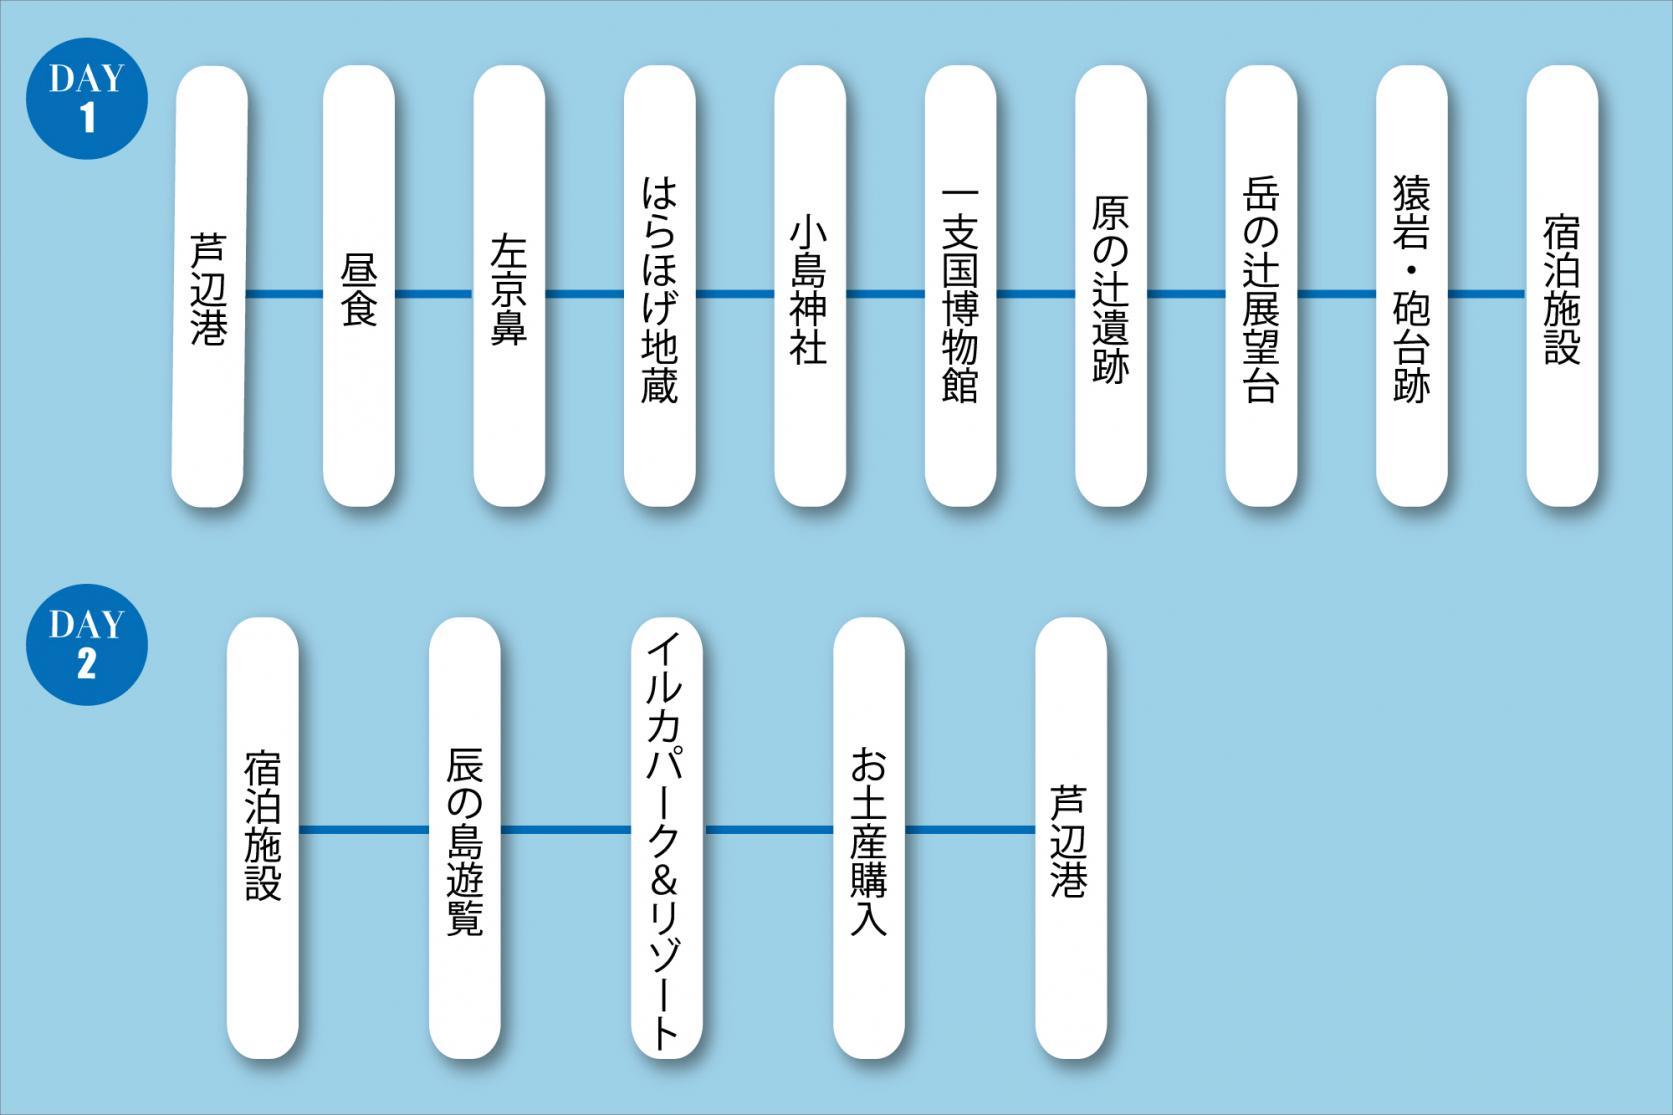 長崎県民限定旅行商品「壱岐 しま旅体験プランfrom対馬」利用時参考  1.定番スポットコース-1